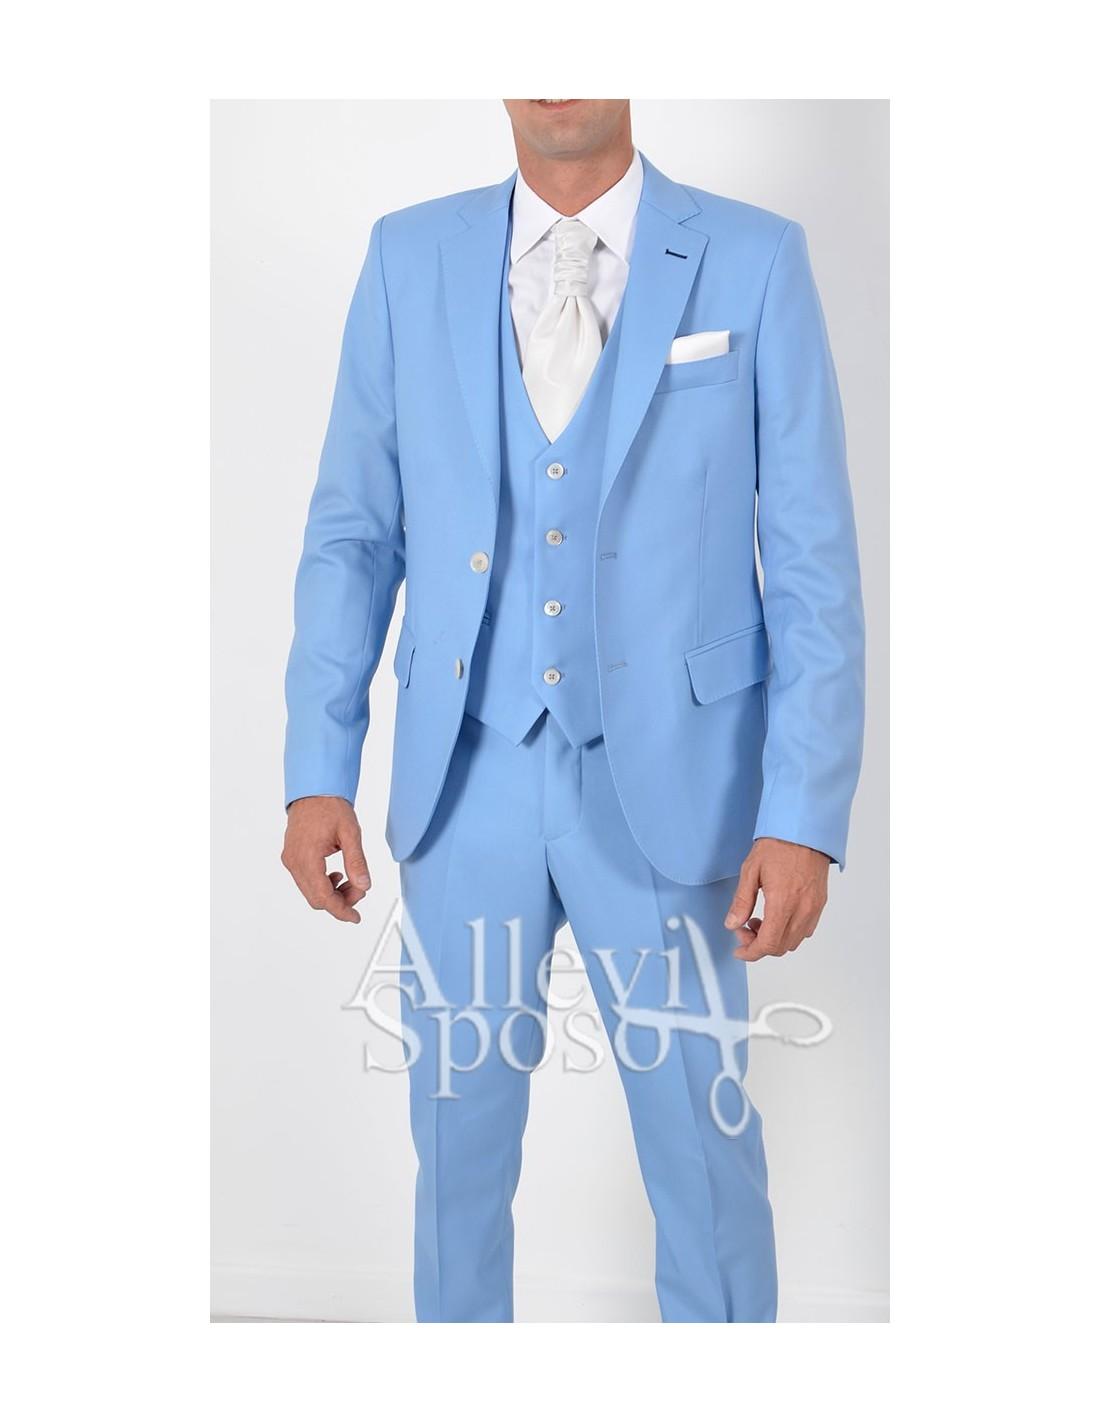 Abito Matrimonio Uomo Azzurro : Abito azzurro sposo vestito cerimonia chiaro